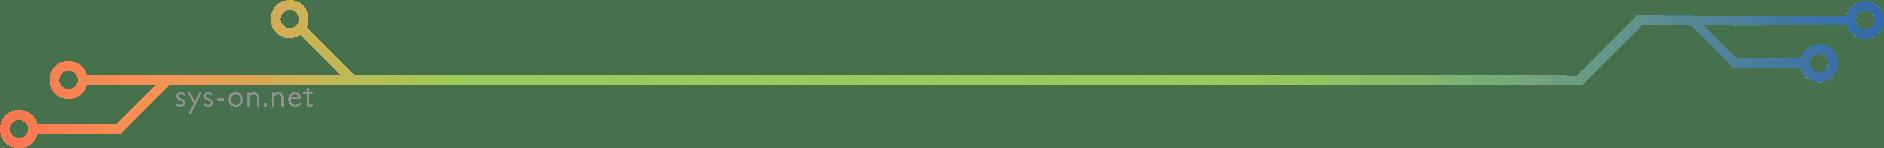 SeparatorNet - انتاج سلالة جديدة من البصل تجعلنا لا نُدمع